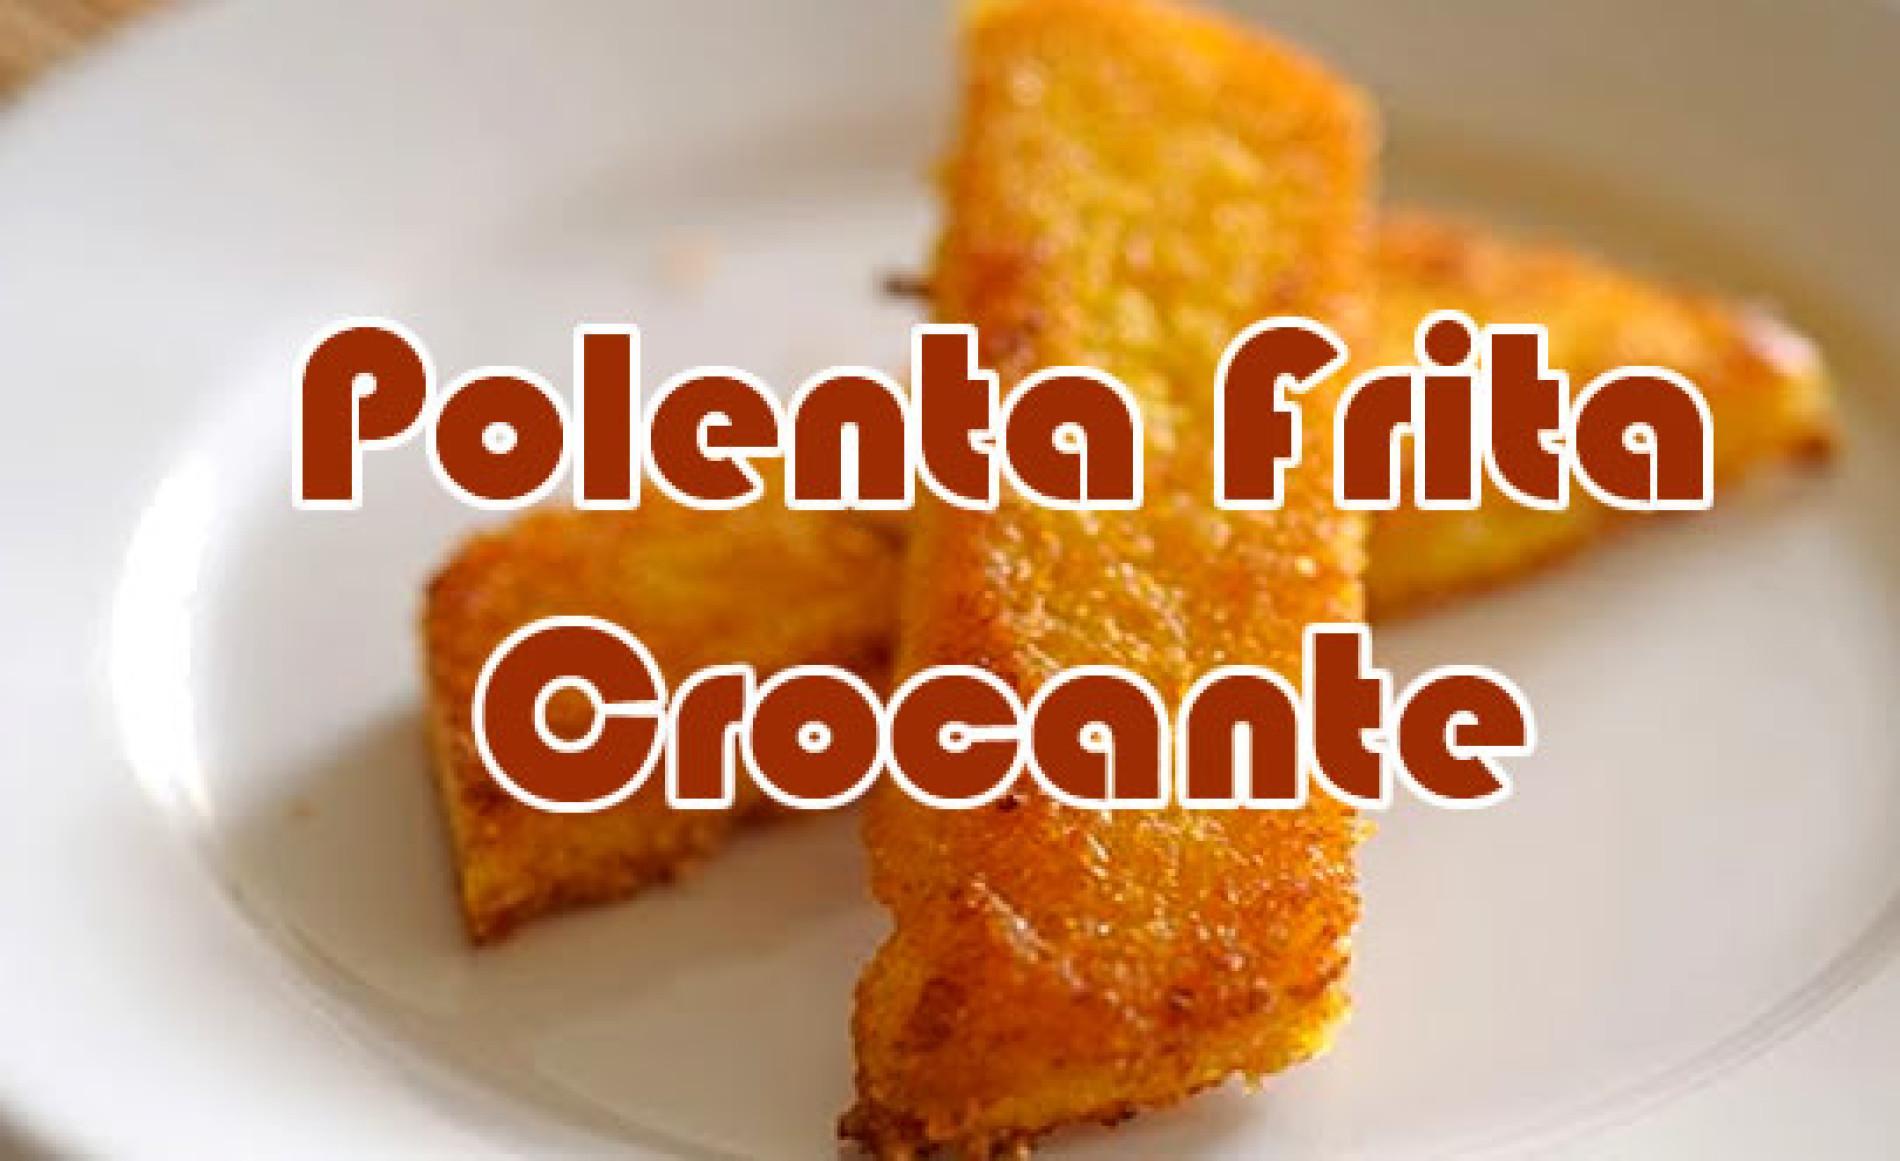 Como fazer Polenta Frita que fique crocante – Receita